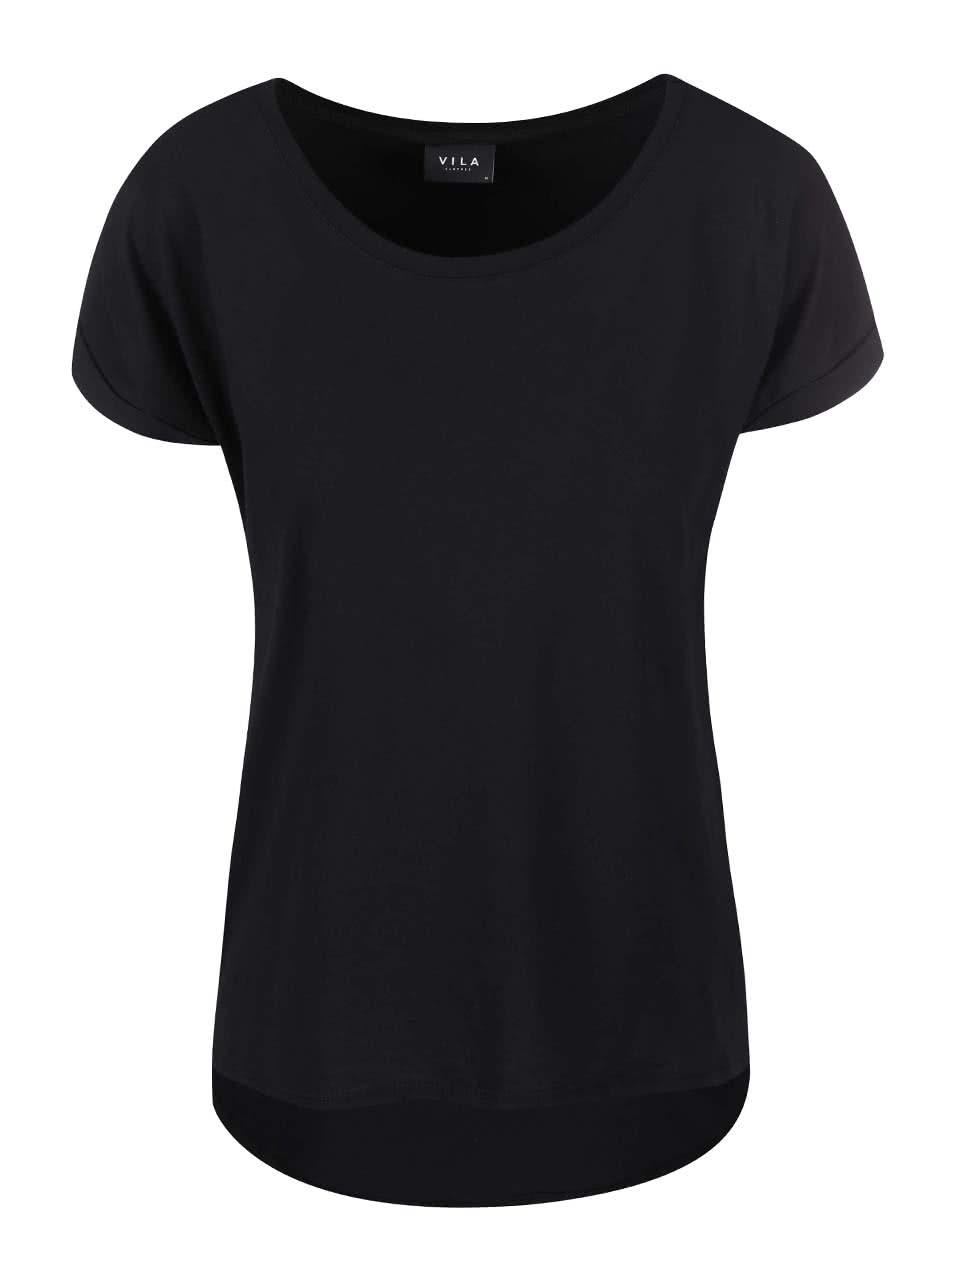 Črna osnovna majica VILA Dreamers